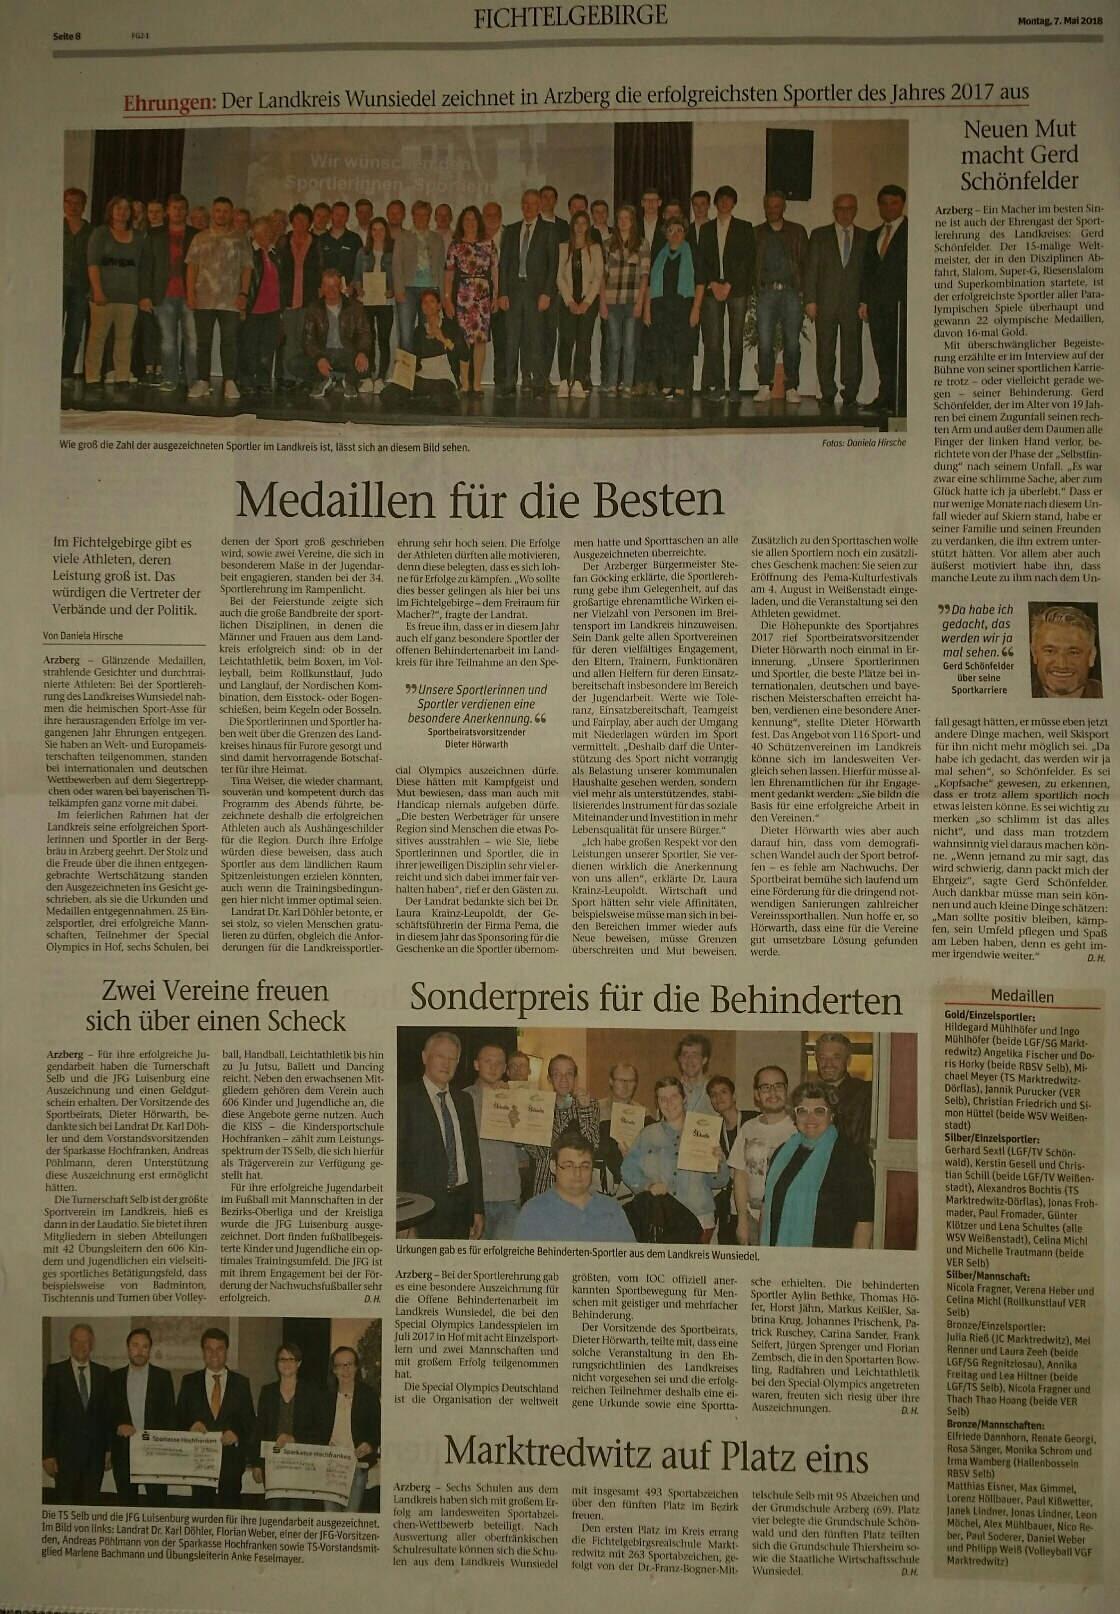 07_05_2018_Frankenpost_Sportlerehrung_Arzberg_